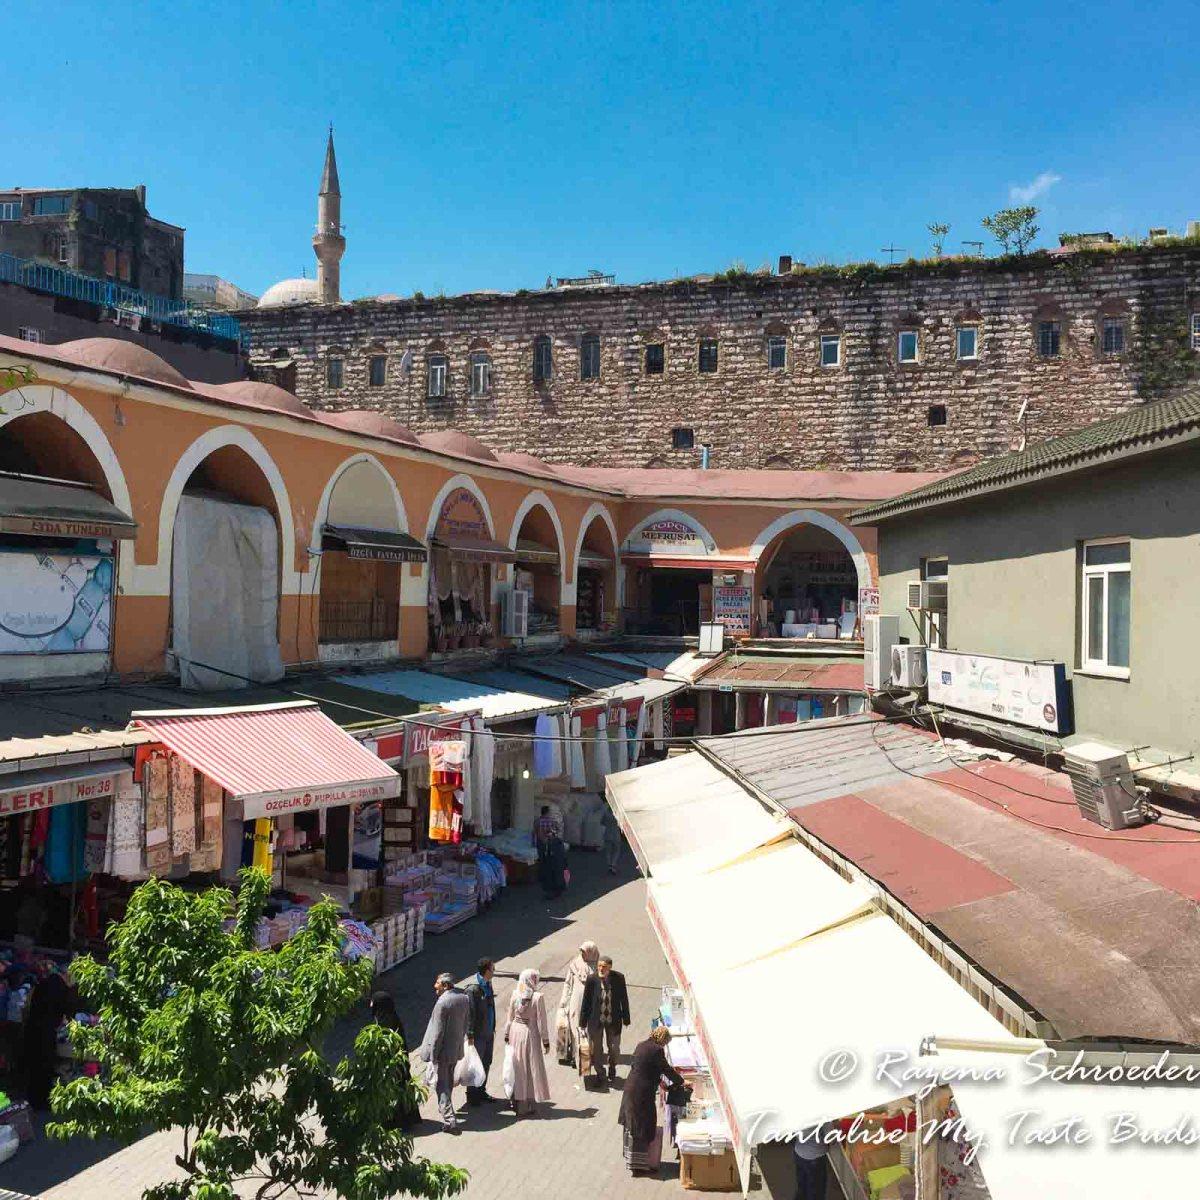 Backstreets of the Bazaar Quarter